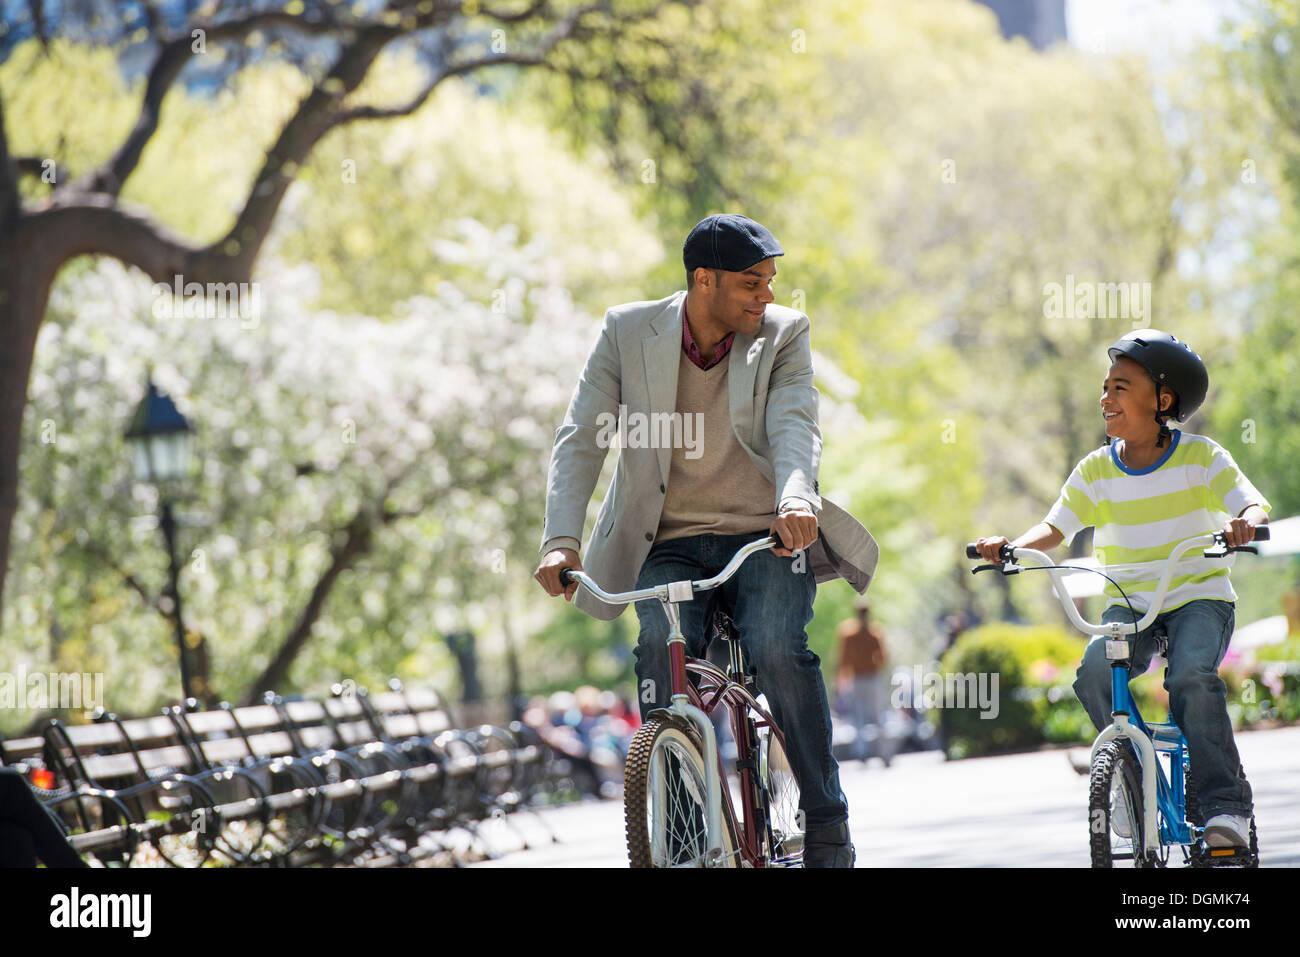 Le vélo et le plaisir. Un père et son fils, côte à côte. Photo Stock